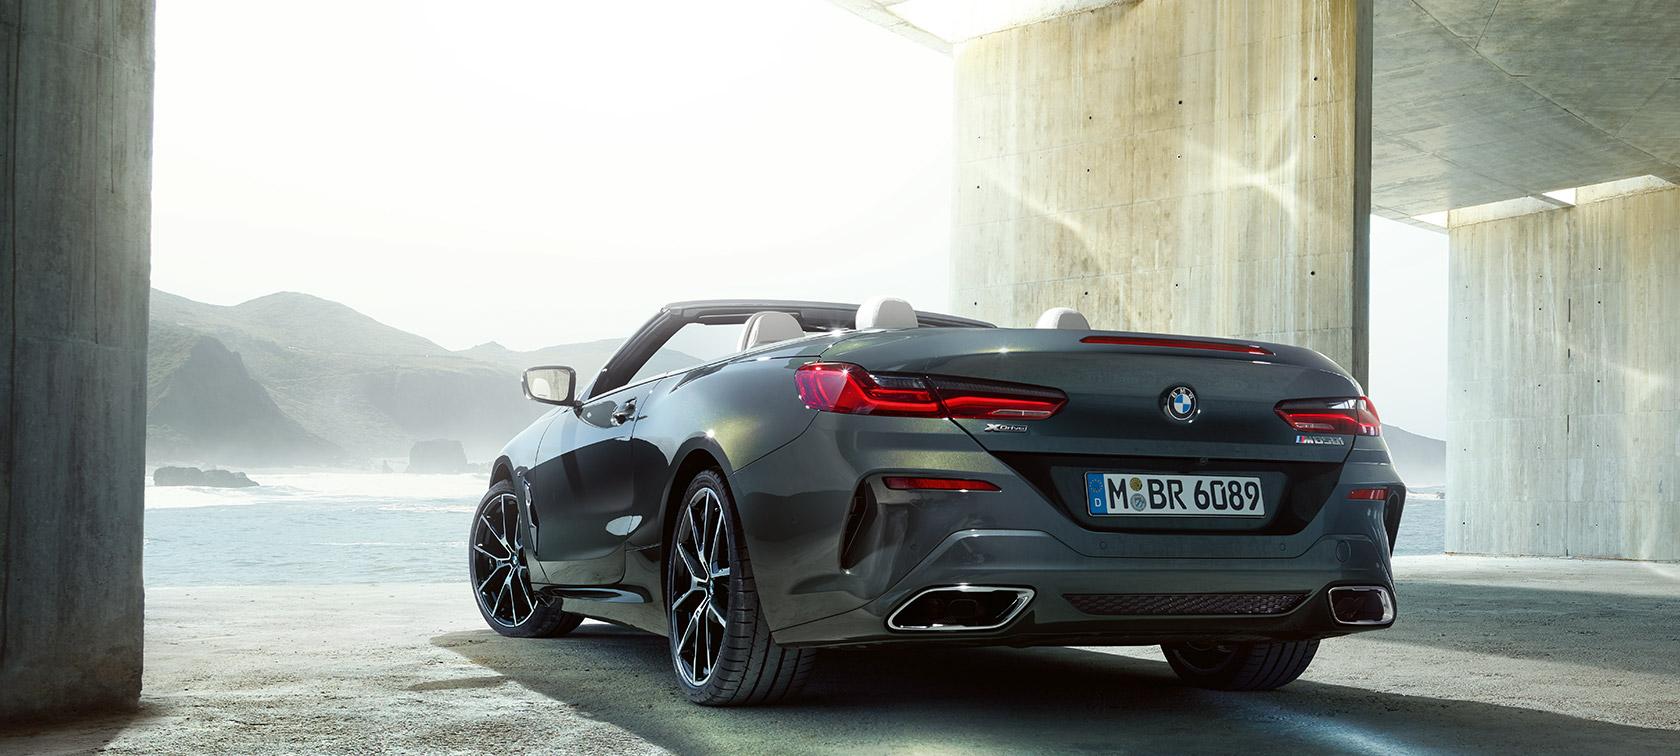 The 8 Convertible Bmw Cabrio Der Luxusklasse Bmw At